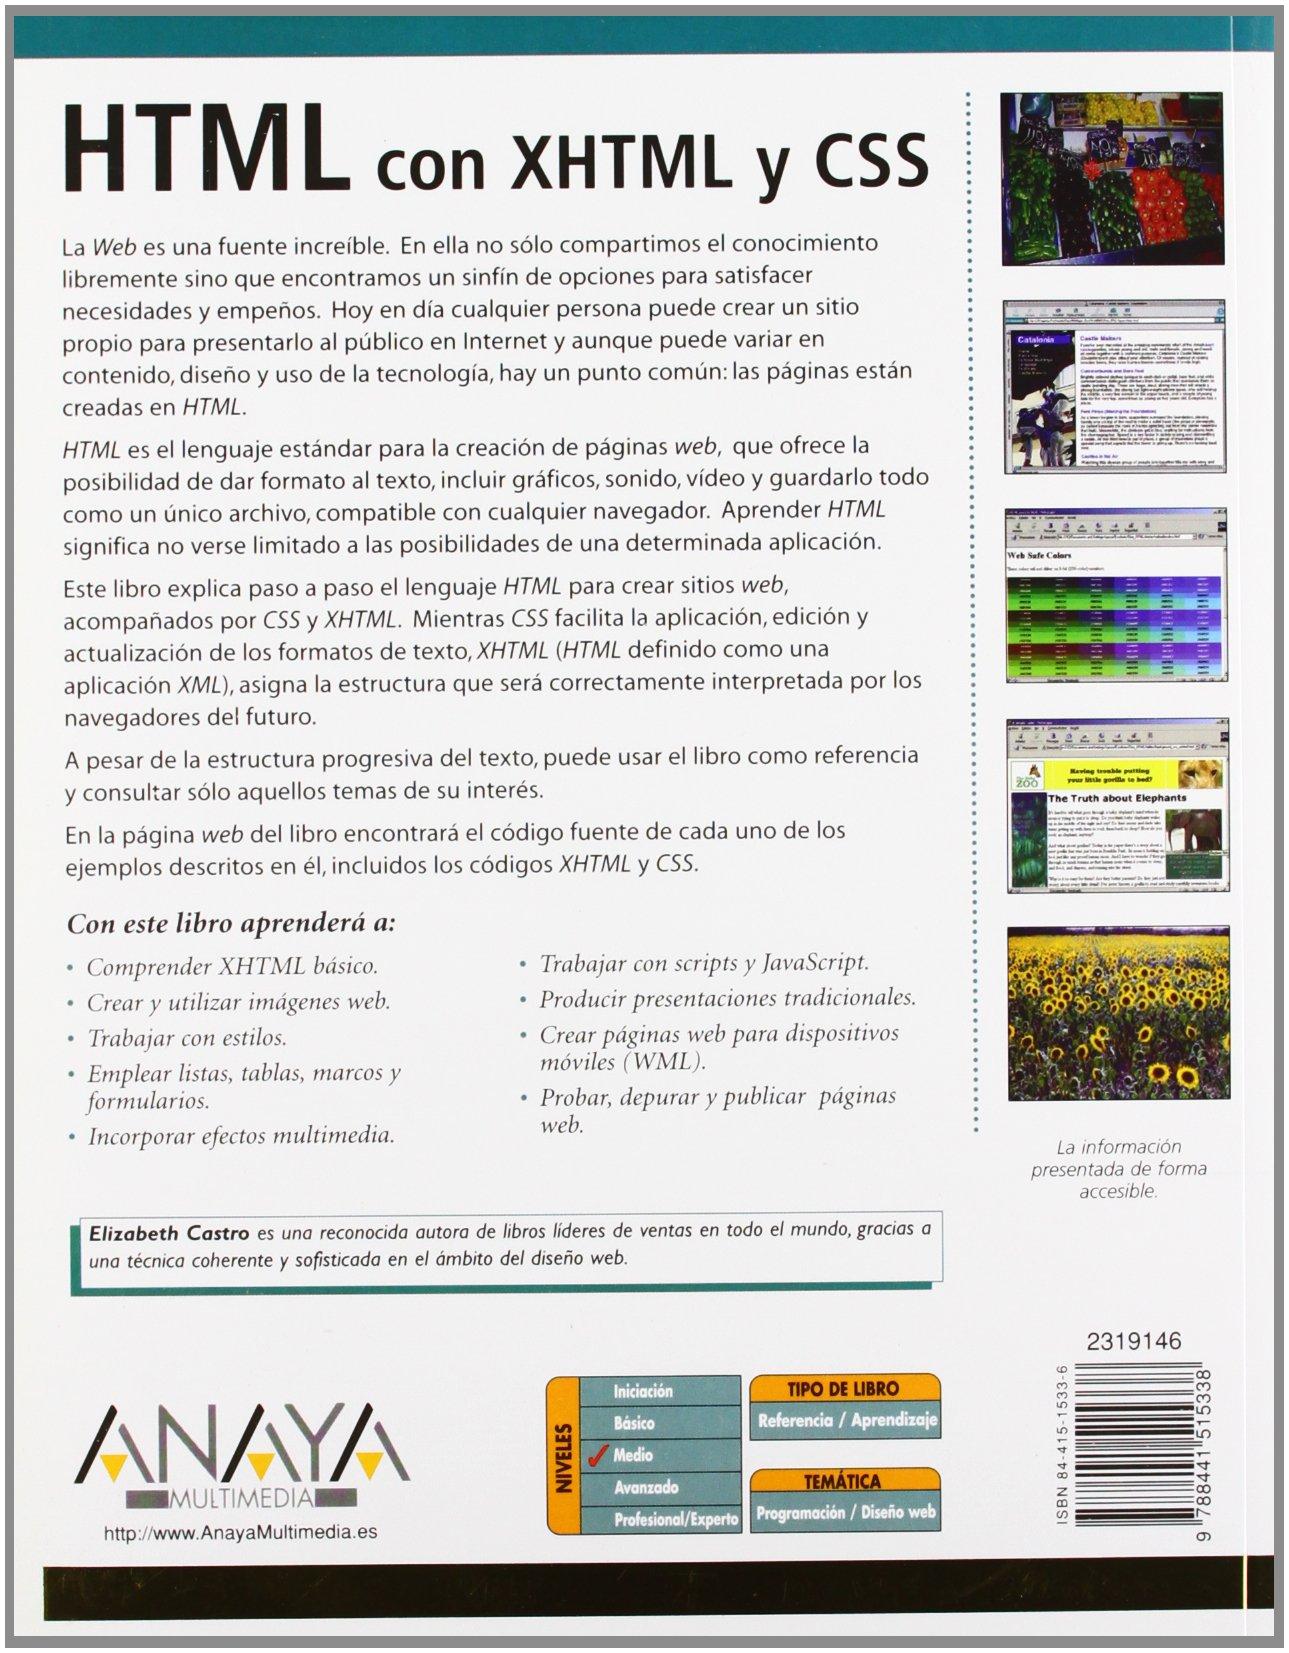 HTML con XHTML y CSS (Diseño Y Creatividad): Amazon.es: Elizabeth Castro: Libros